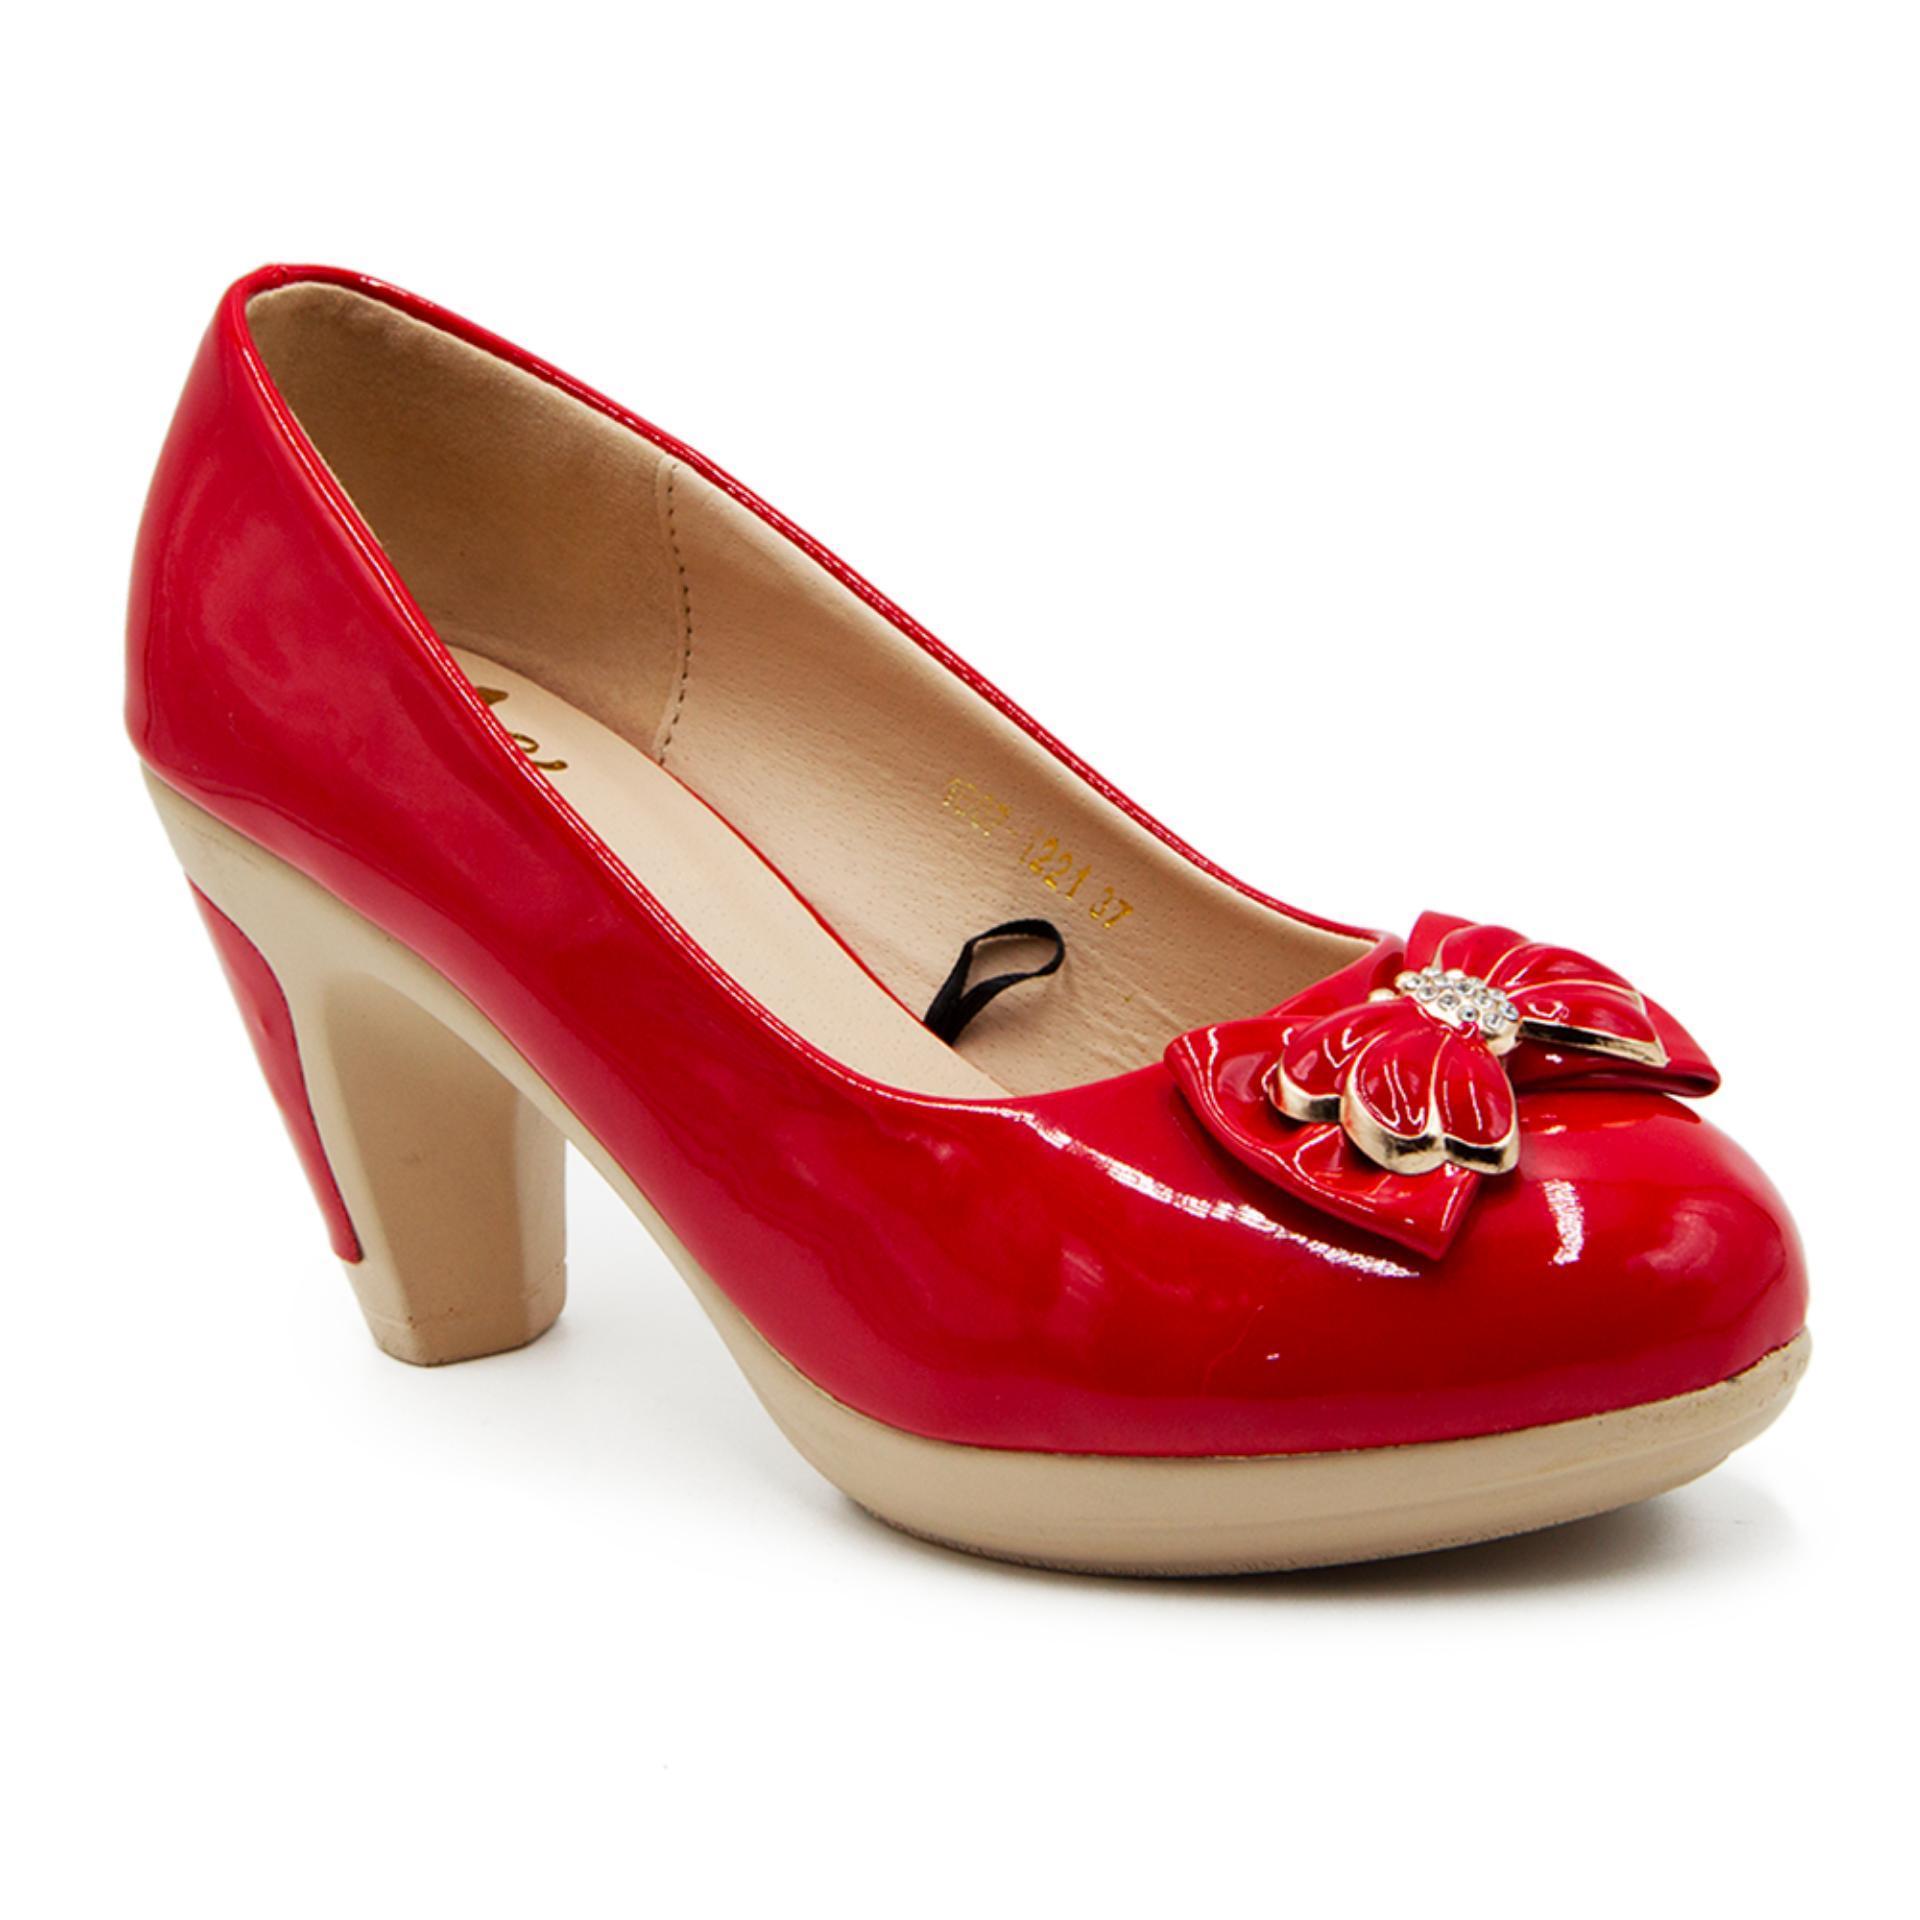 Harga Dea Sepatu Fantofel Wanita 1607 1221 Red Yg Bagus